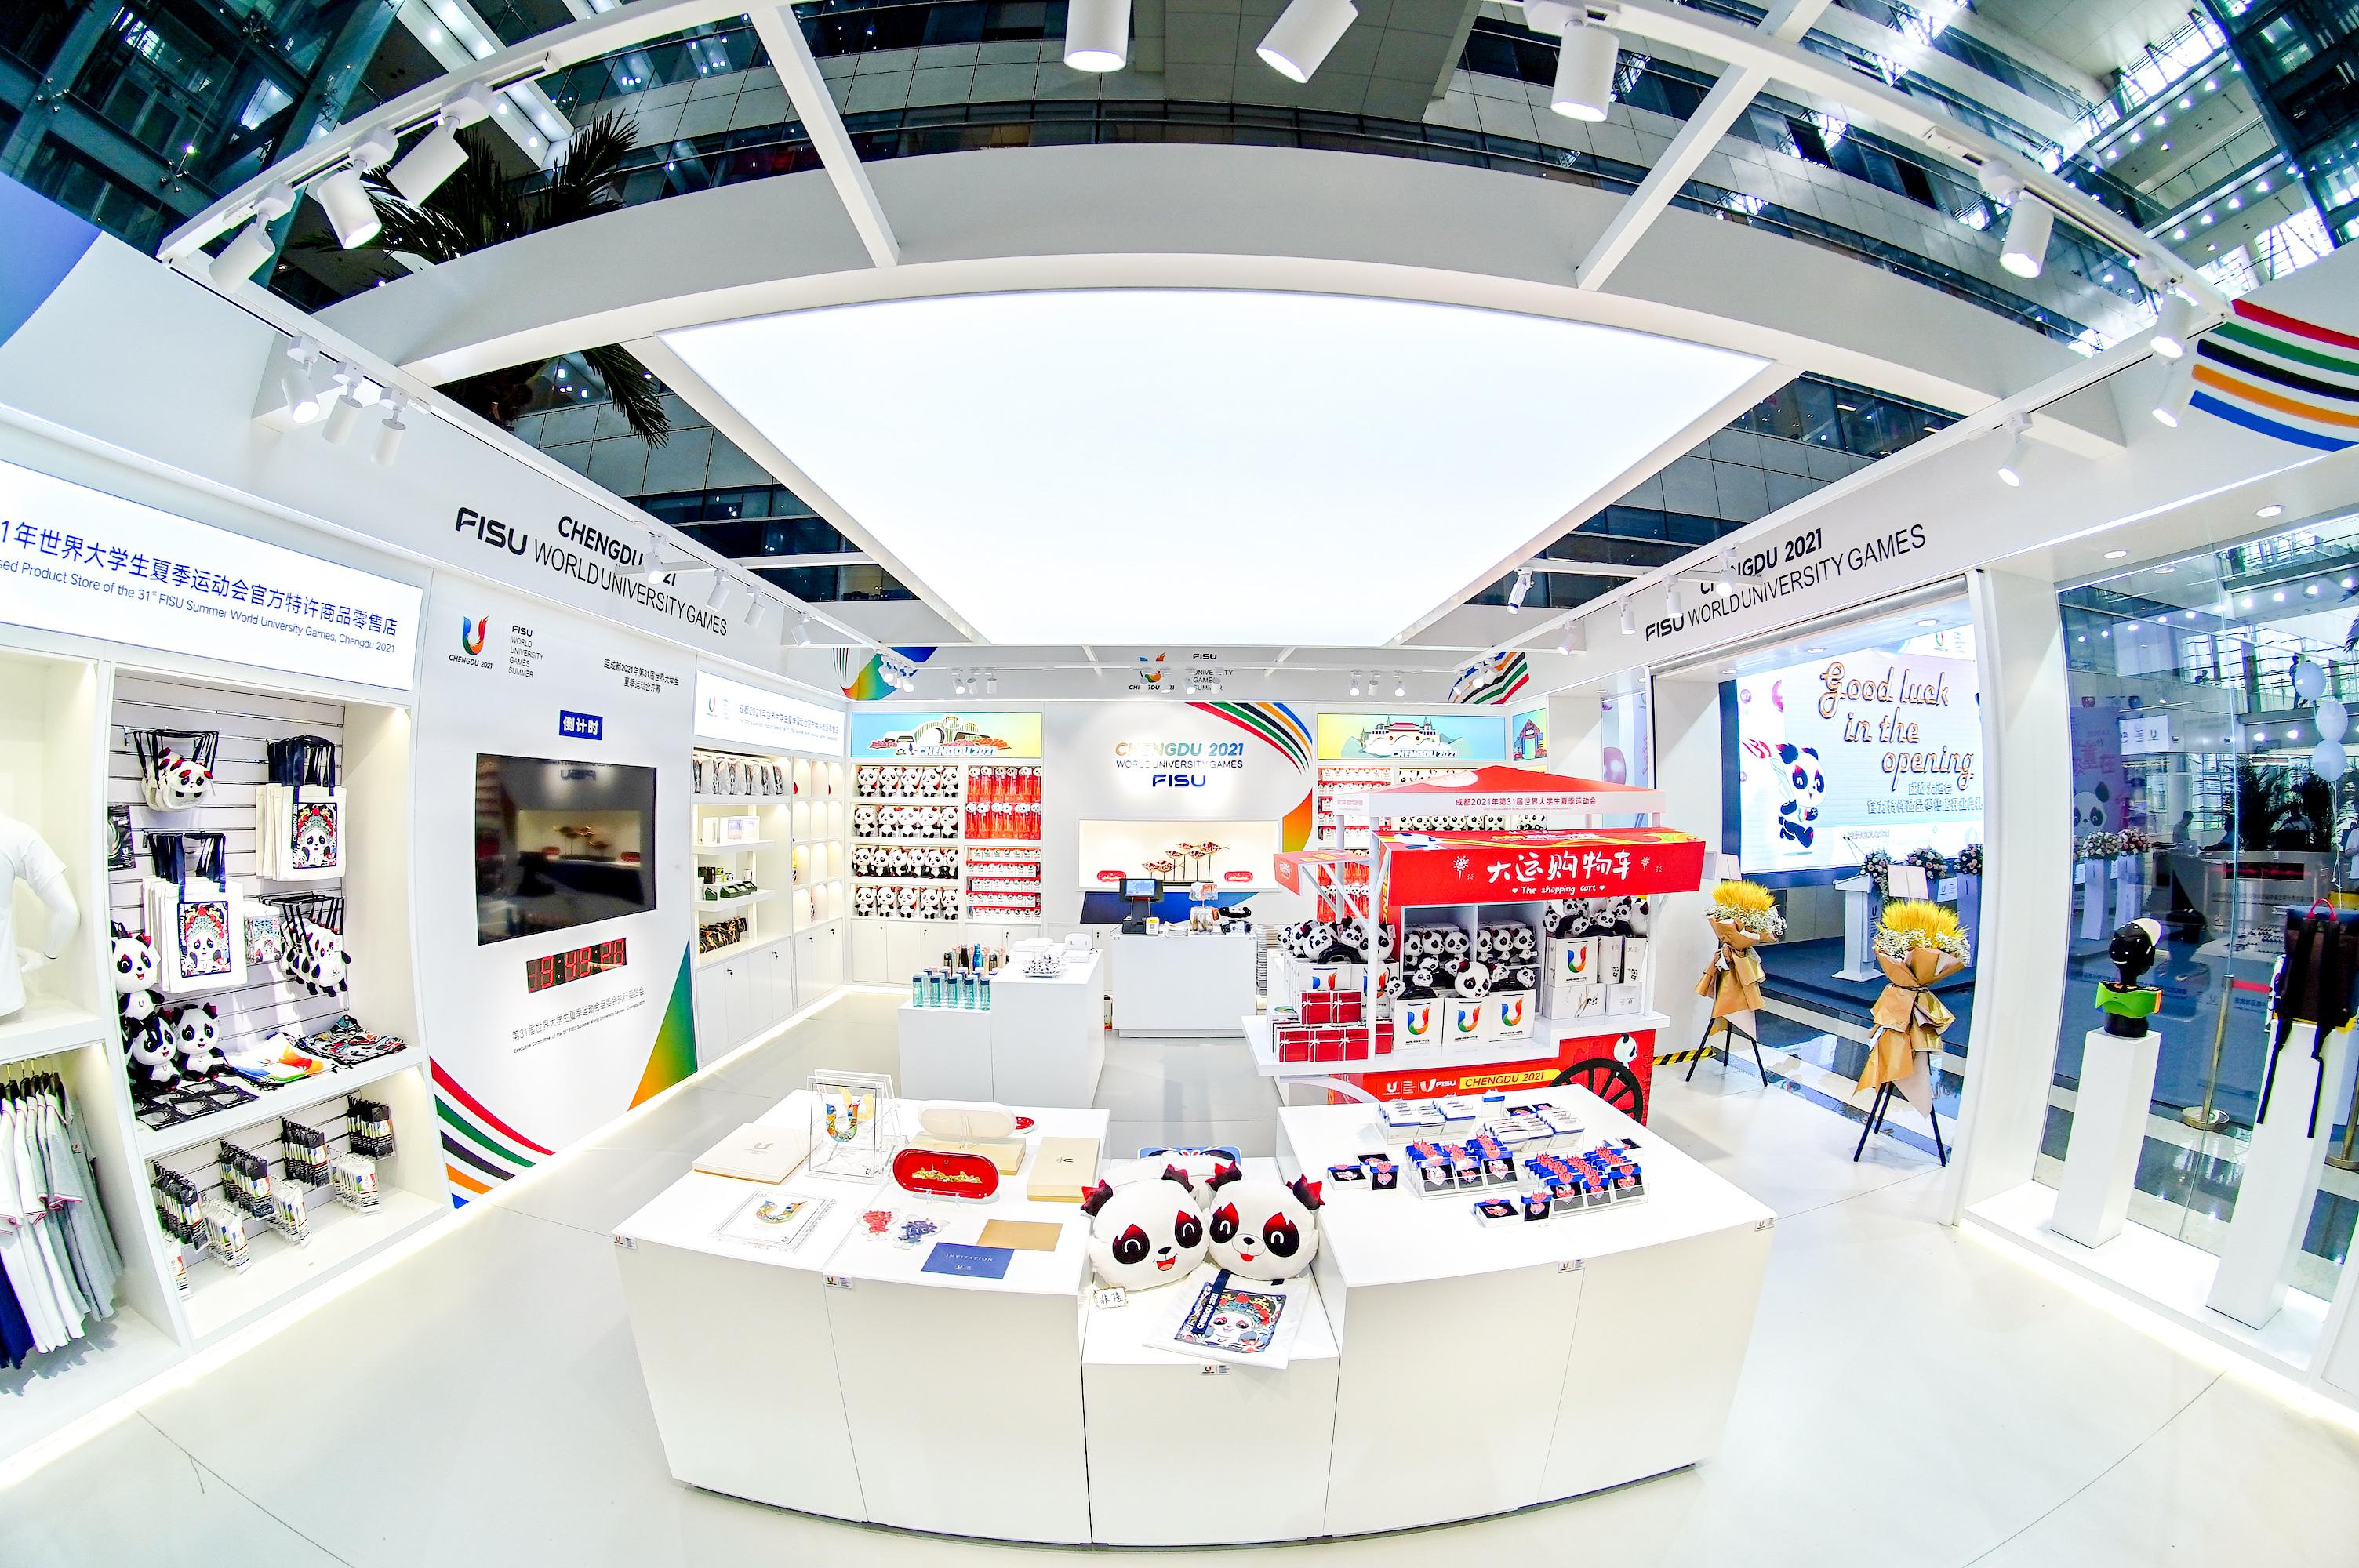 La première boutique de produits sous licence officielle de la 31ème édition des Jeux mondiaux universitaires d'Eté de la FISU Chengdu 2021 a été ouverte, dévoilant divers nouveaux produits